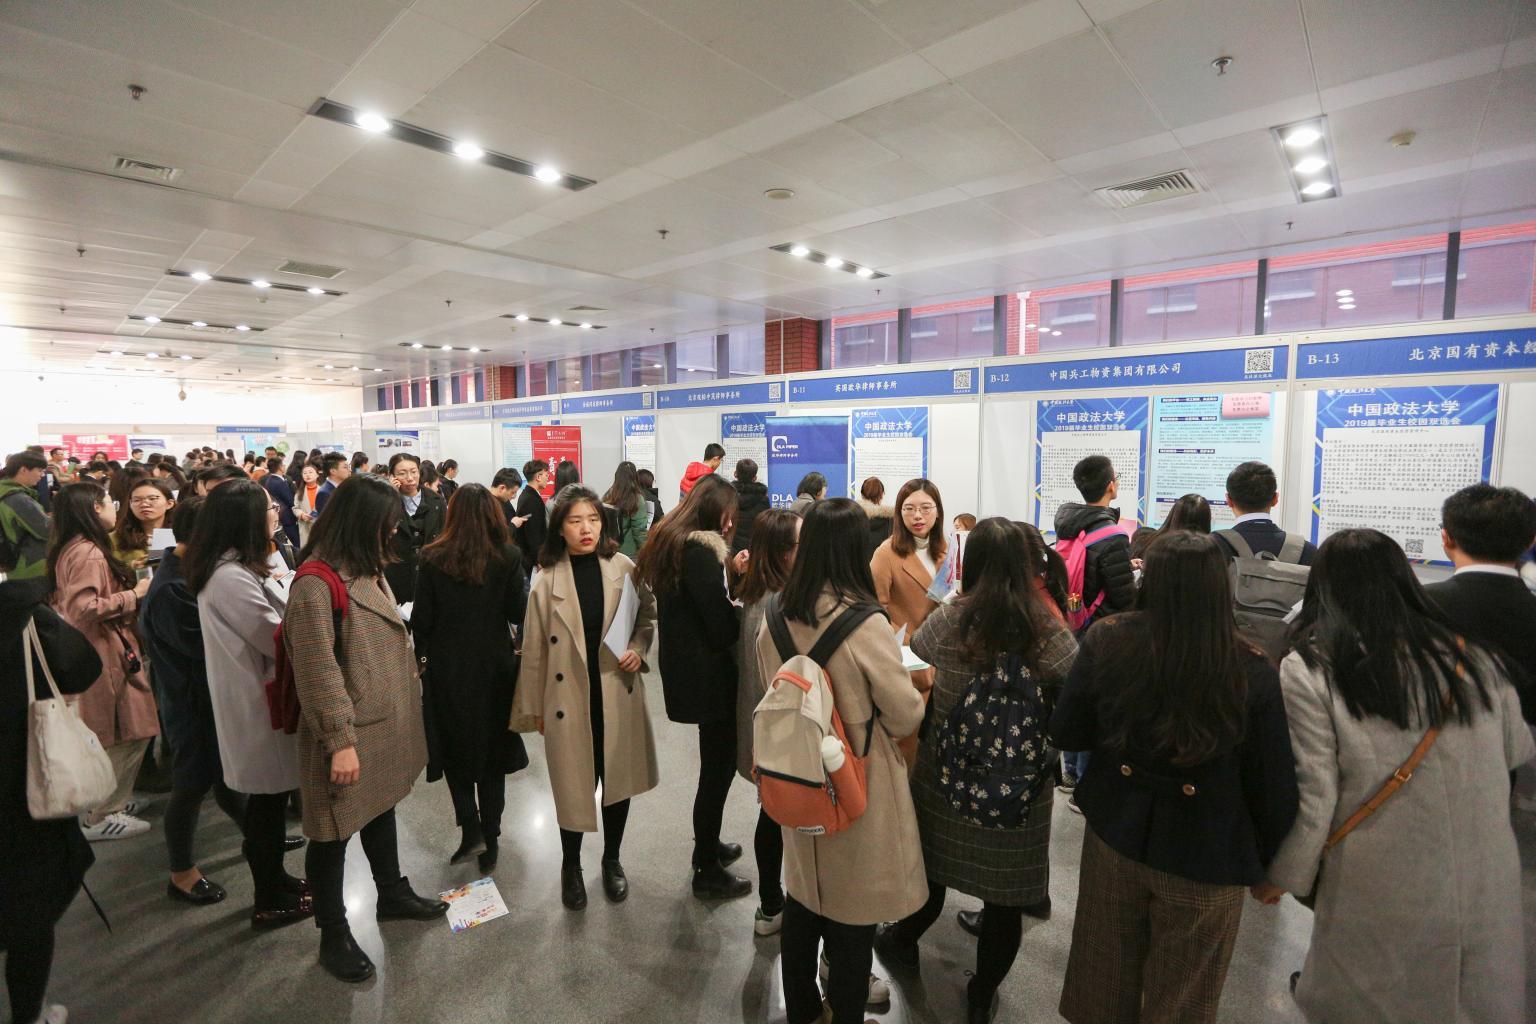 中国政法大学举办2019届毕业生校园双选会